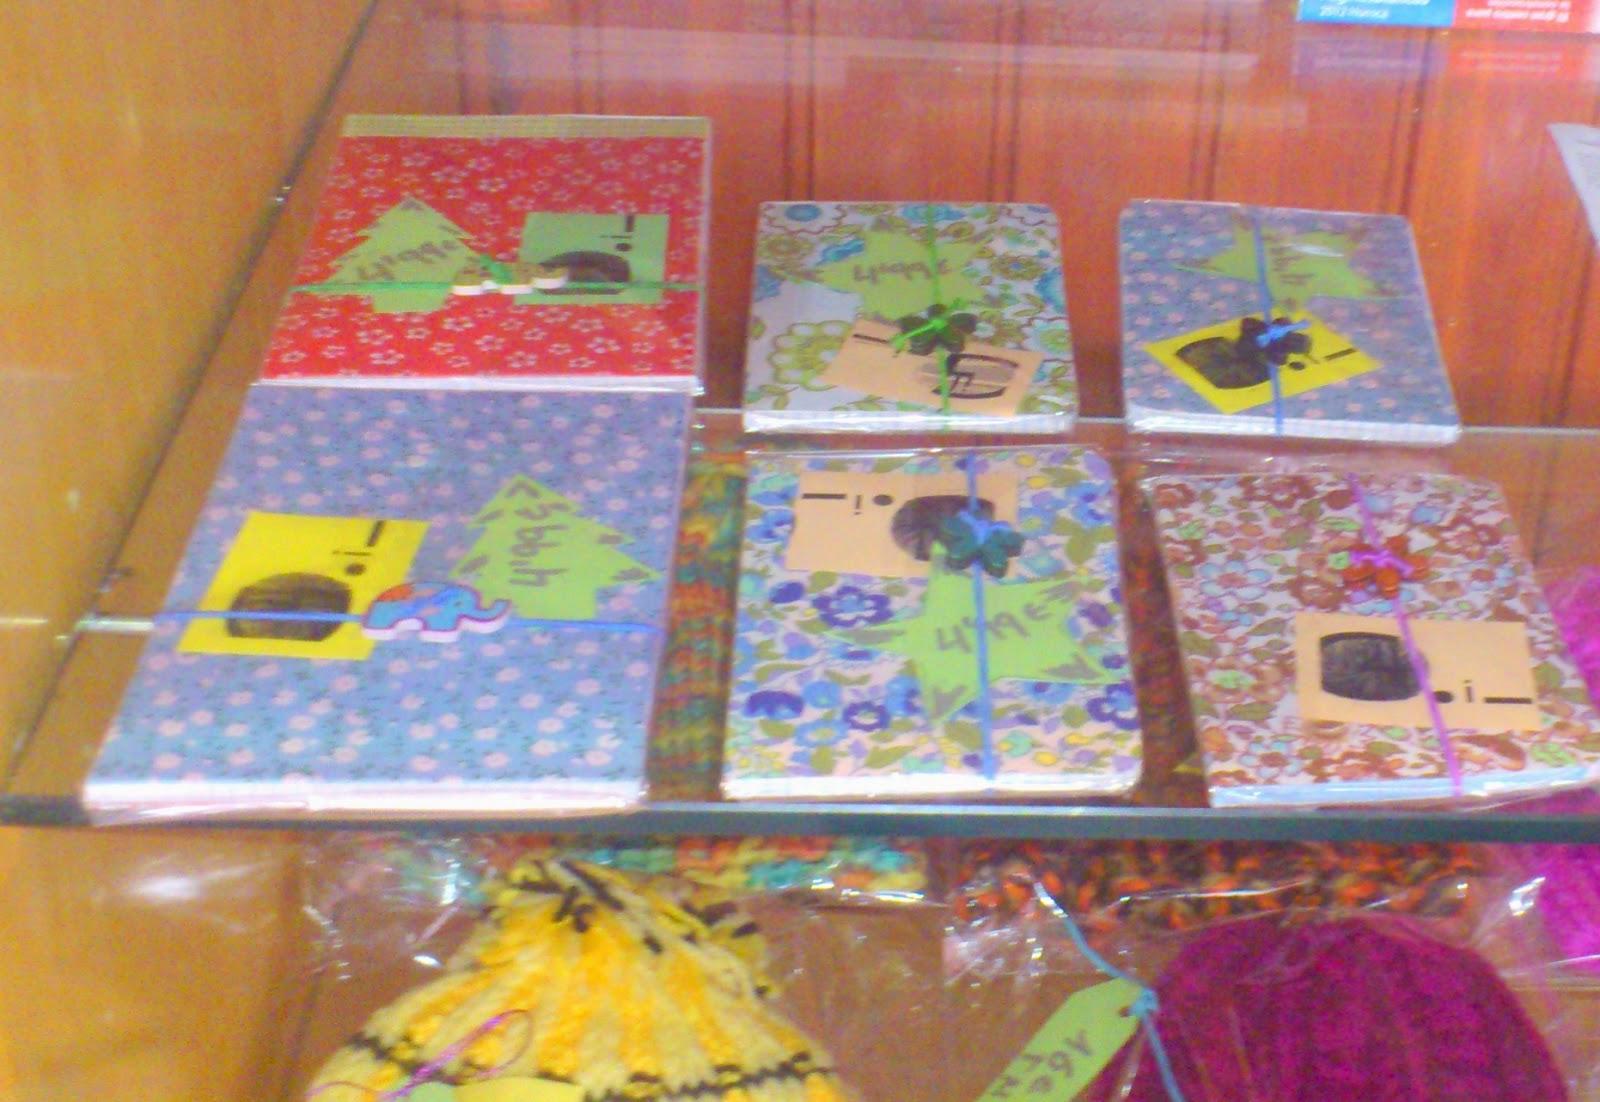 http://fredcalor.blogspot.com.es/2014/11/llibretes-de-notes-i-blocs-folrrats.html